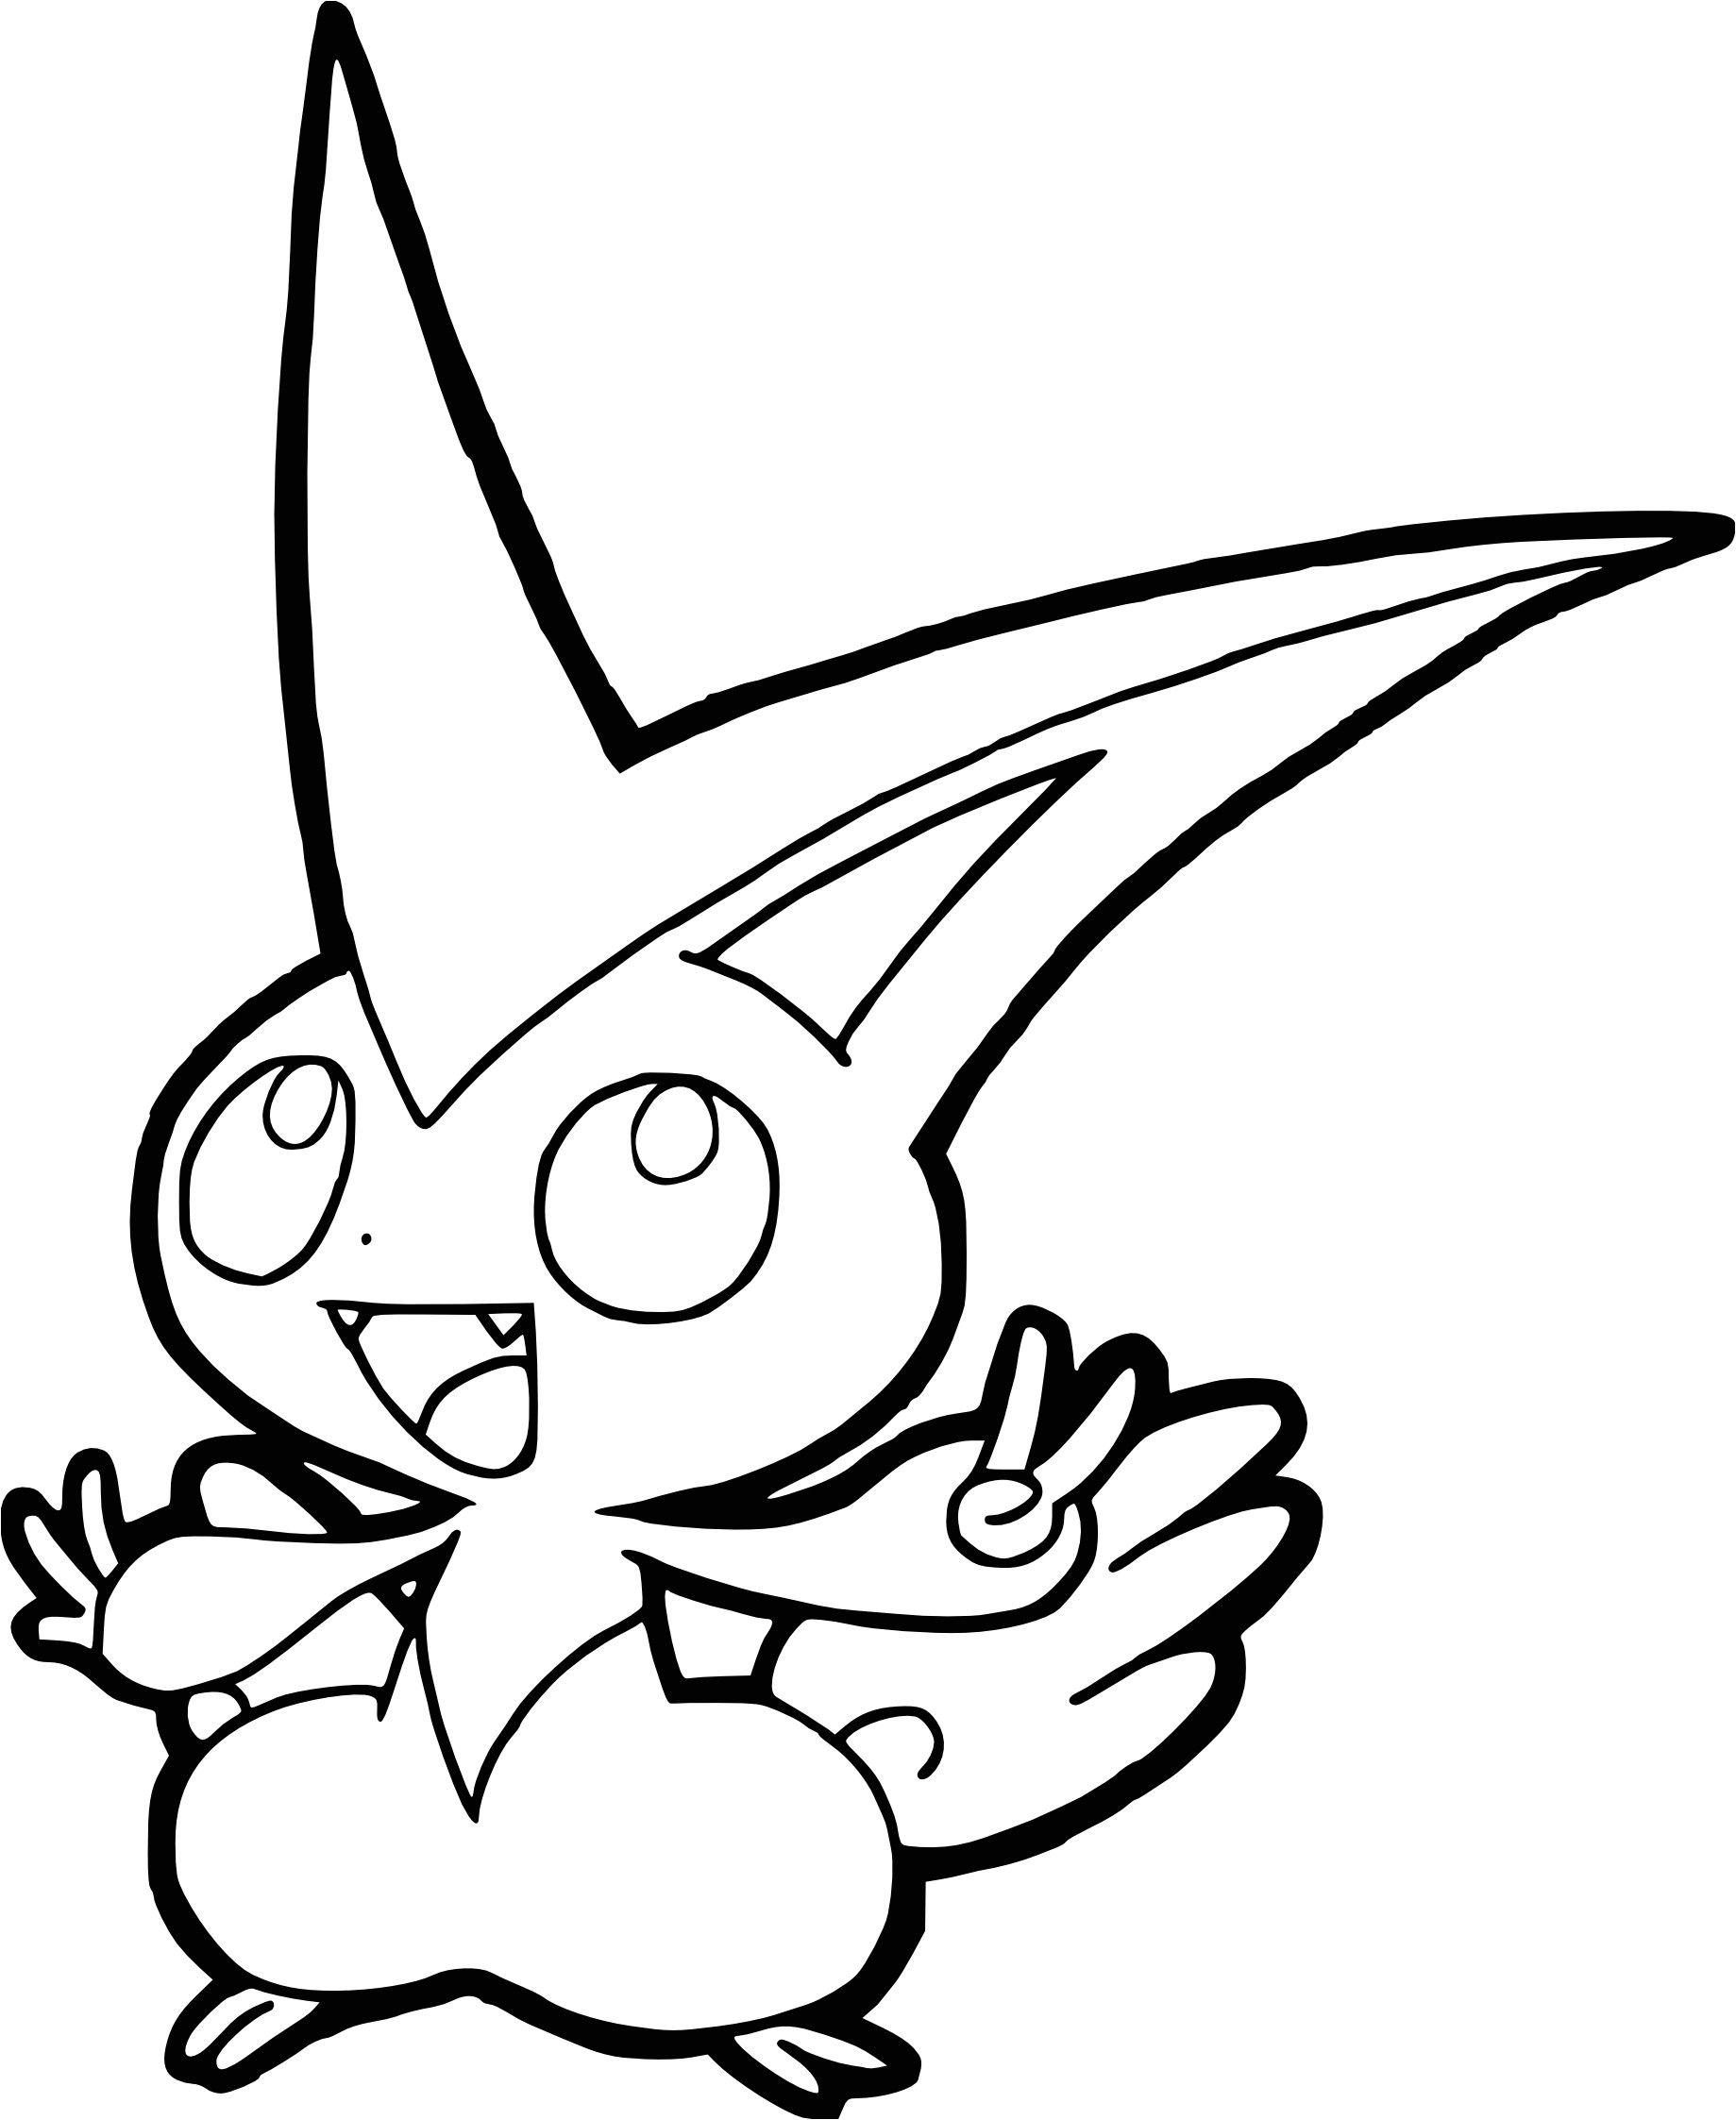 Coloriage Pokemon Victini Coloriage Victini Pokemon Imprimer